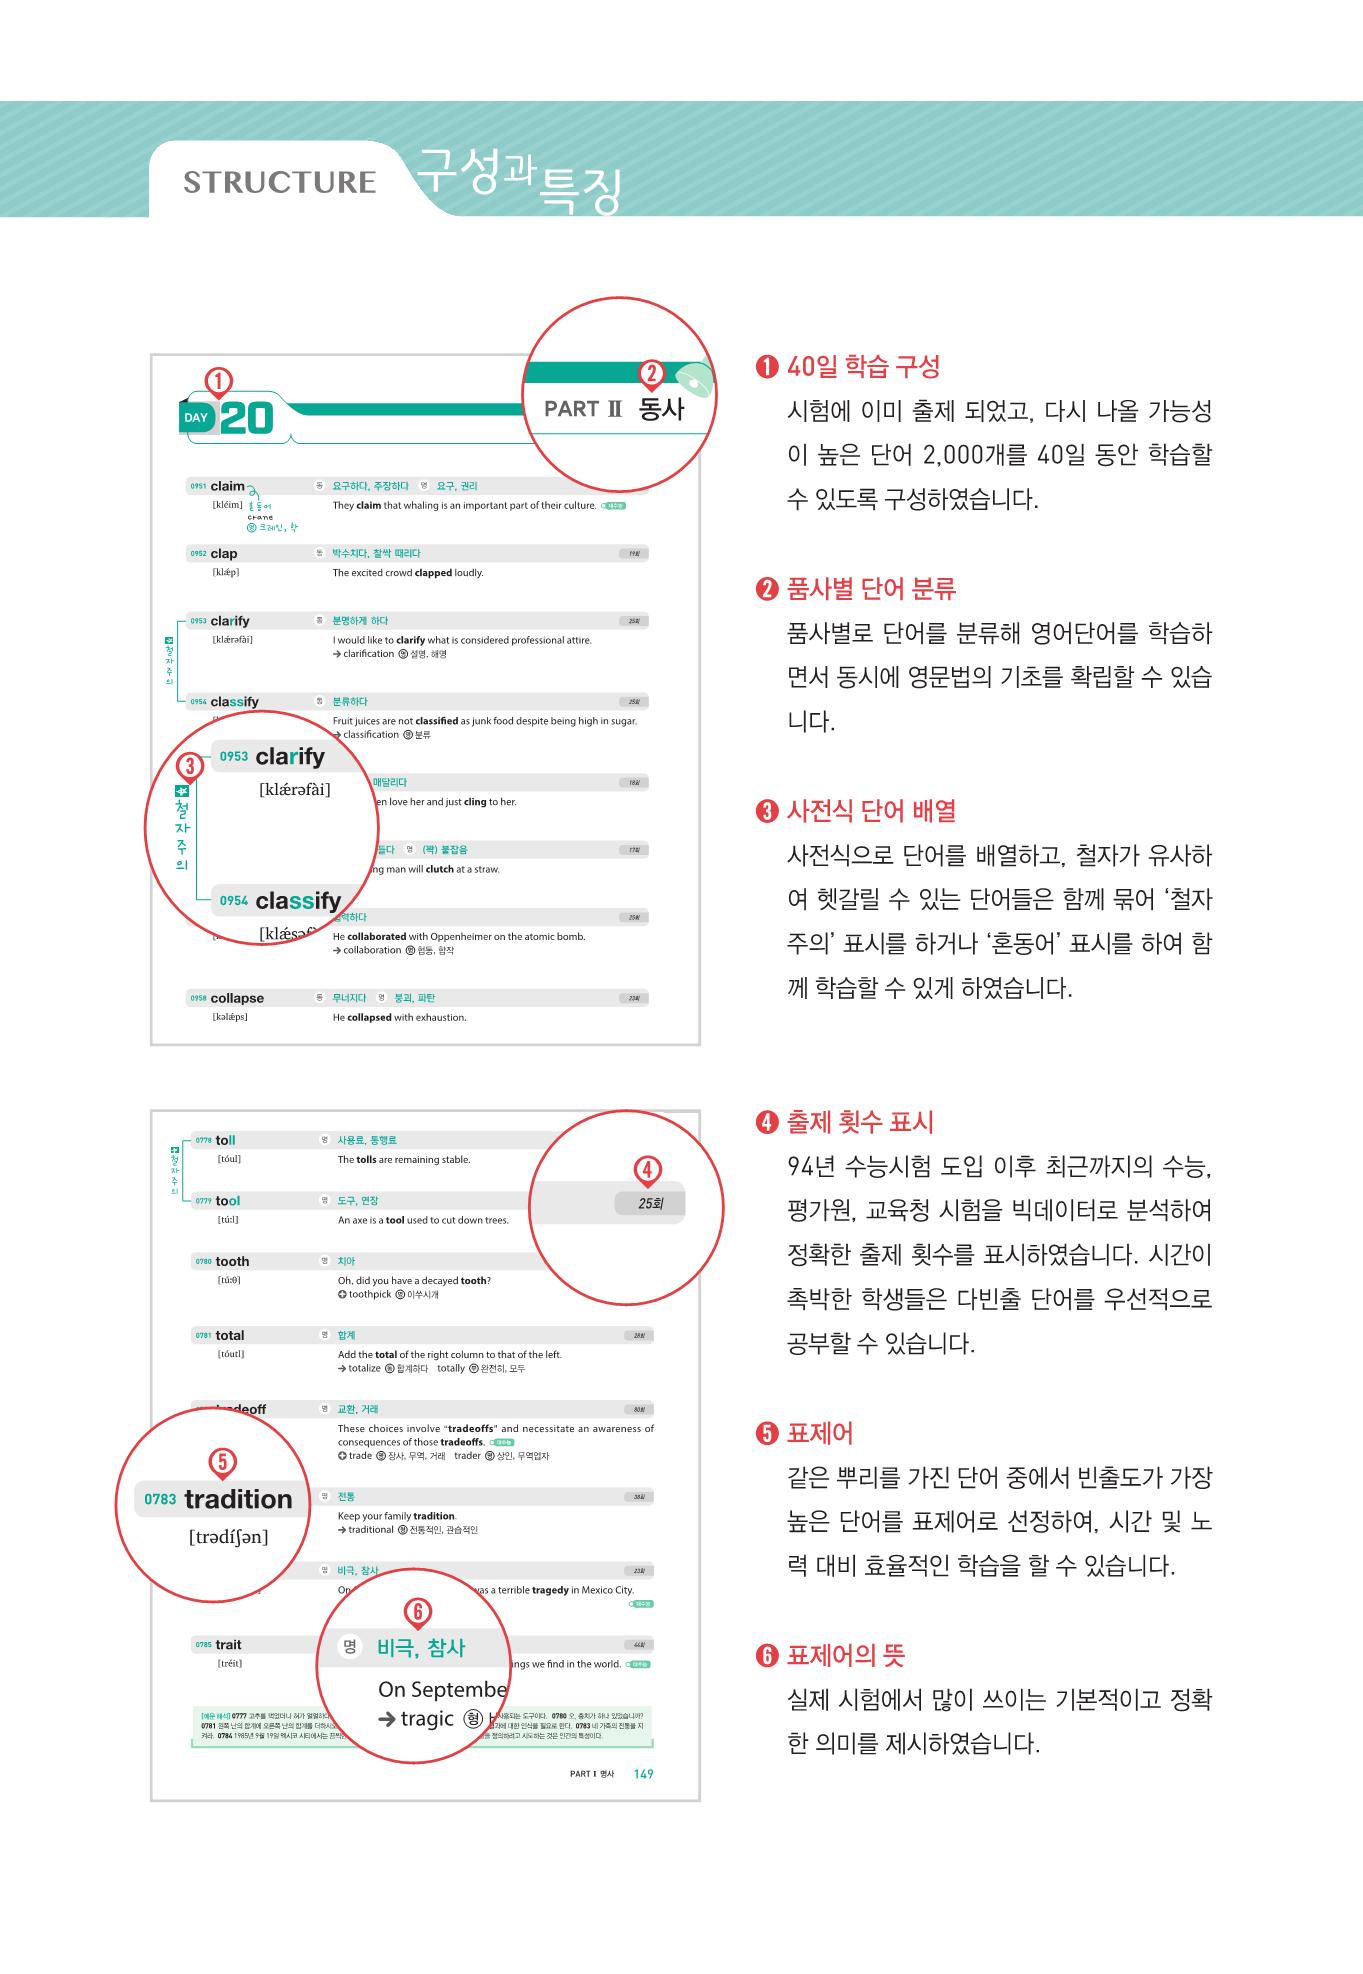 미리보기_숨마수능2000워드메뉴얼3.png